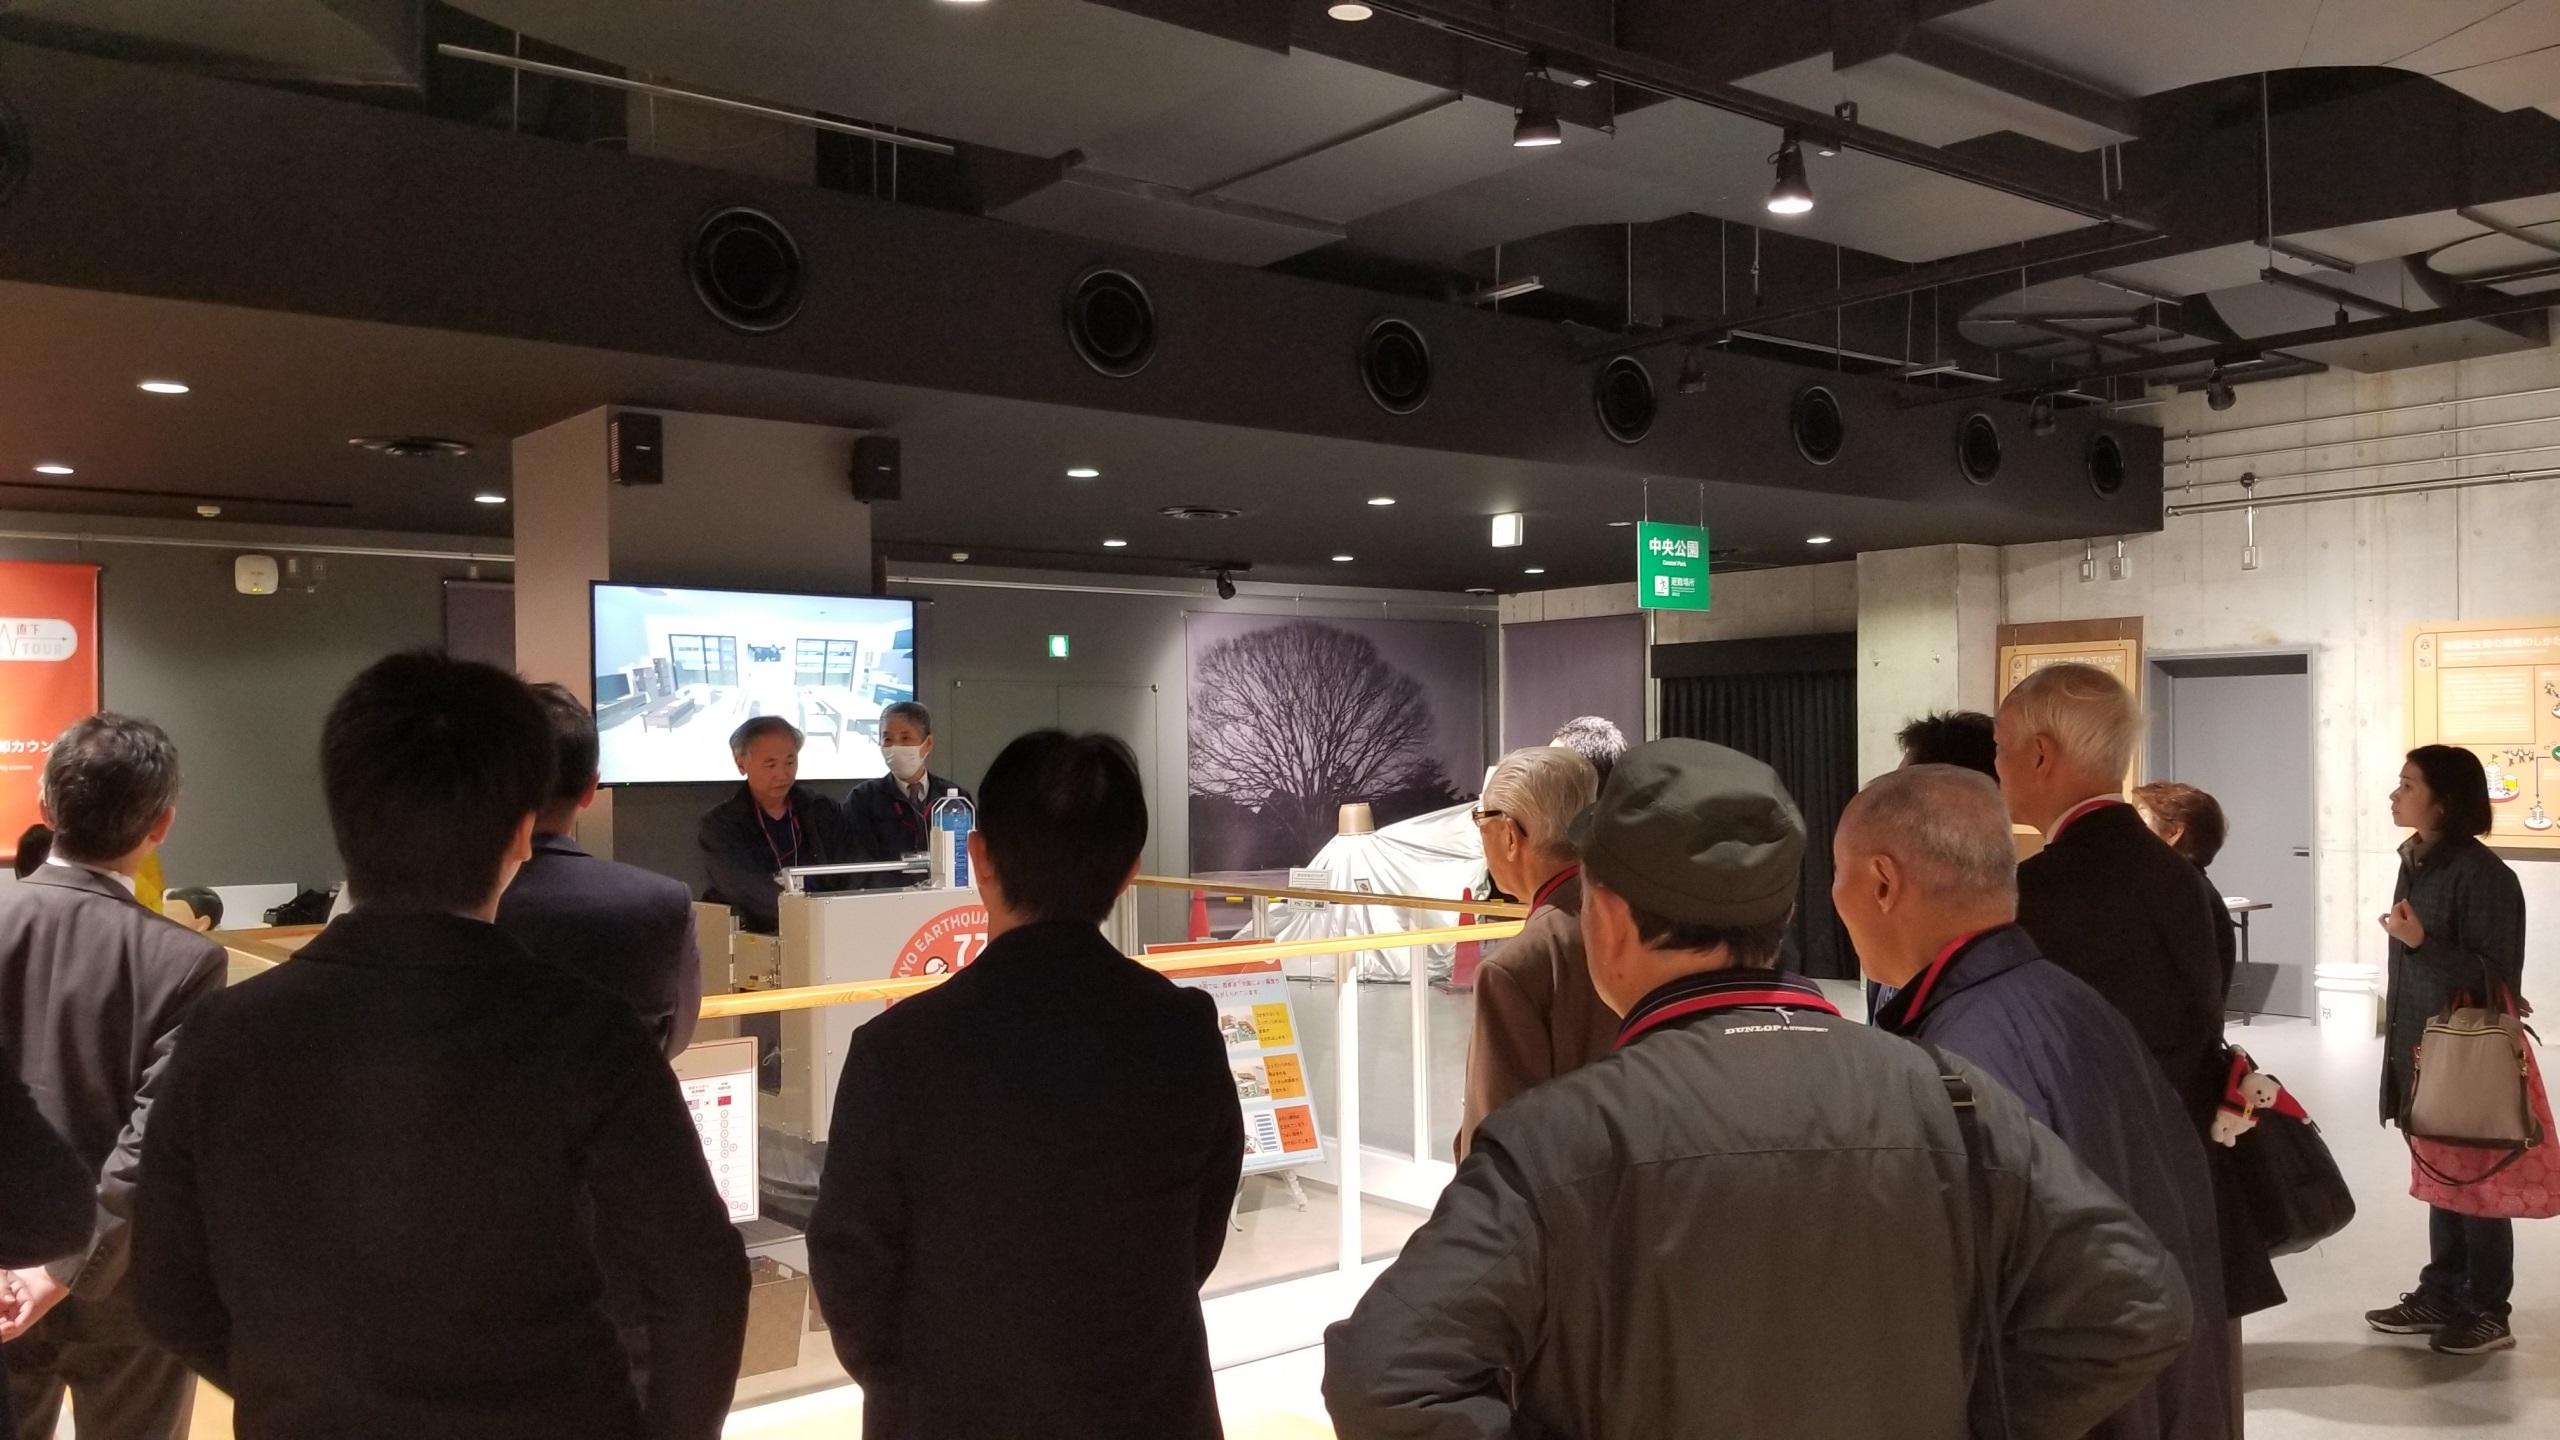 toyota l&fカスタマーズセンター&そなエリア東京 視察会を開催しました